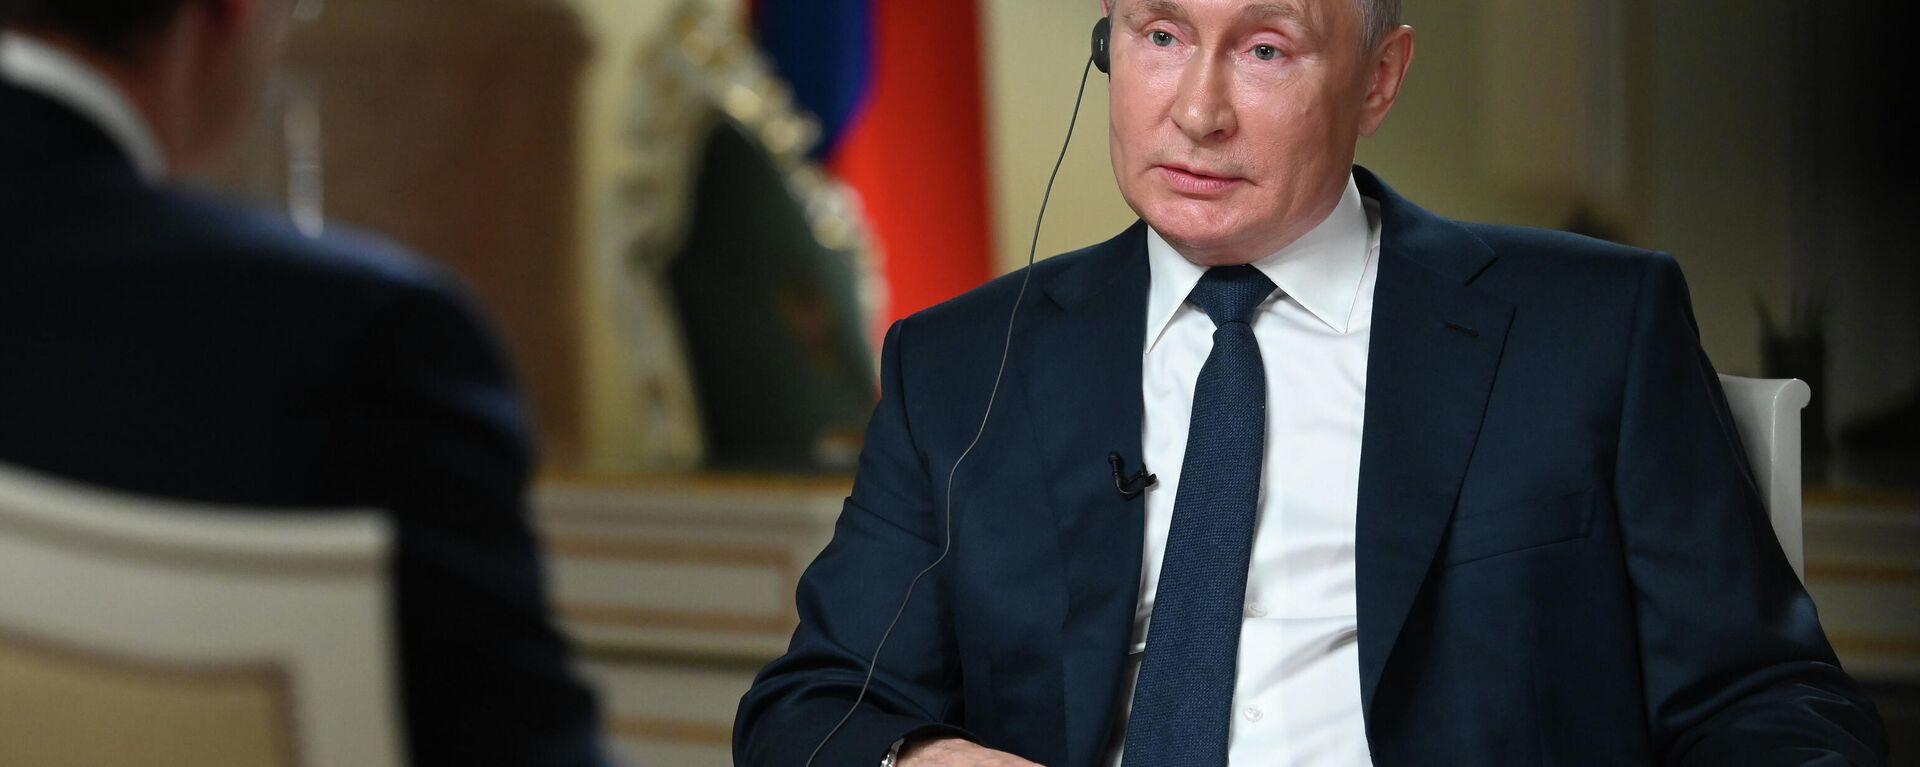 Πούτιν, συνέντευξη - Sputnik Ελλάδα, 1920, 06.10.2021